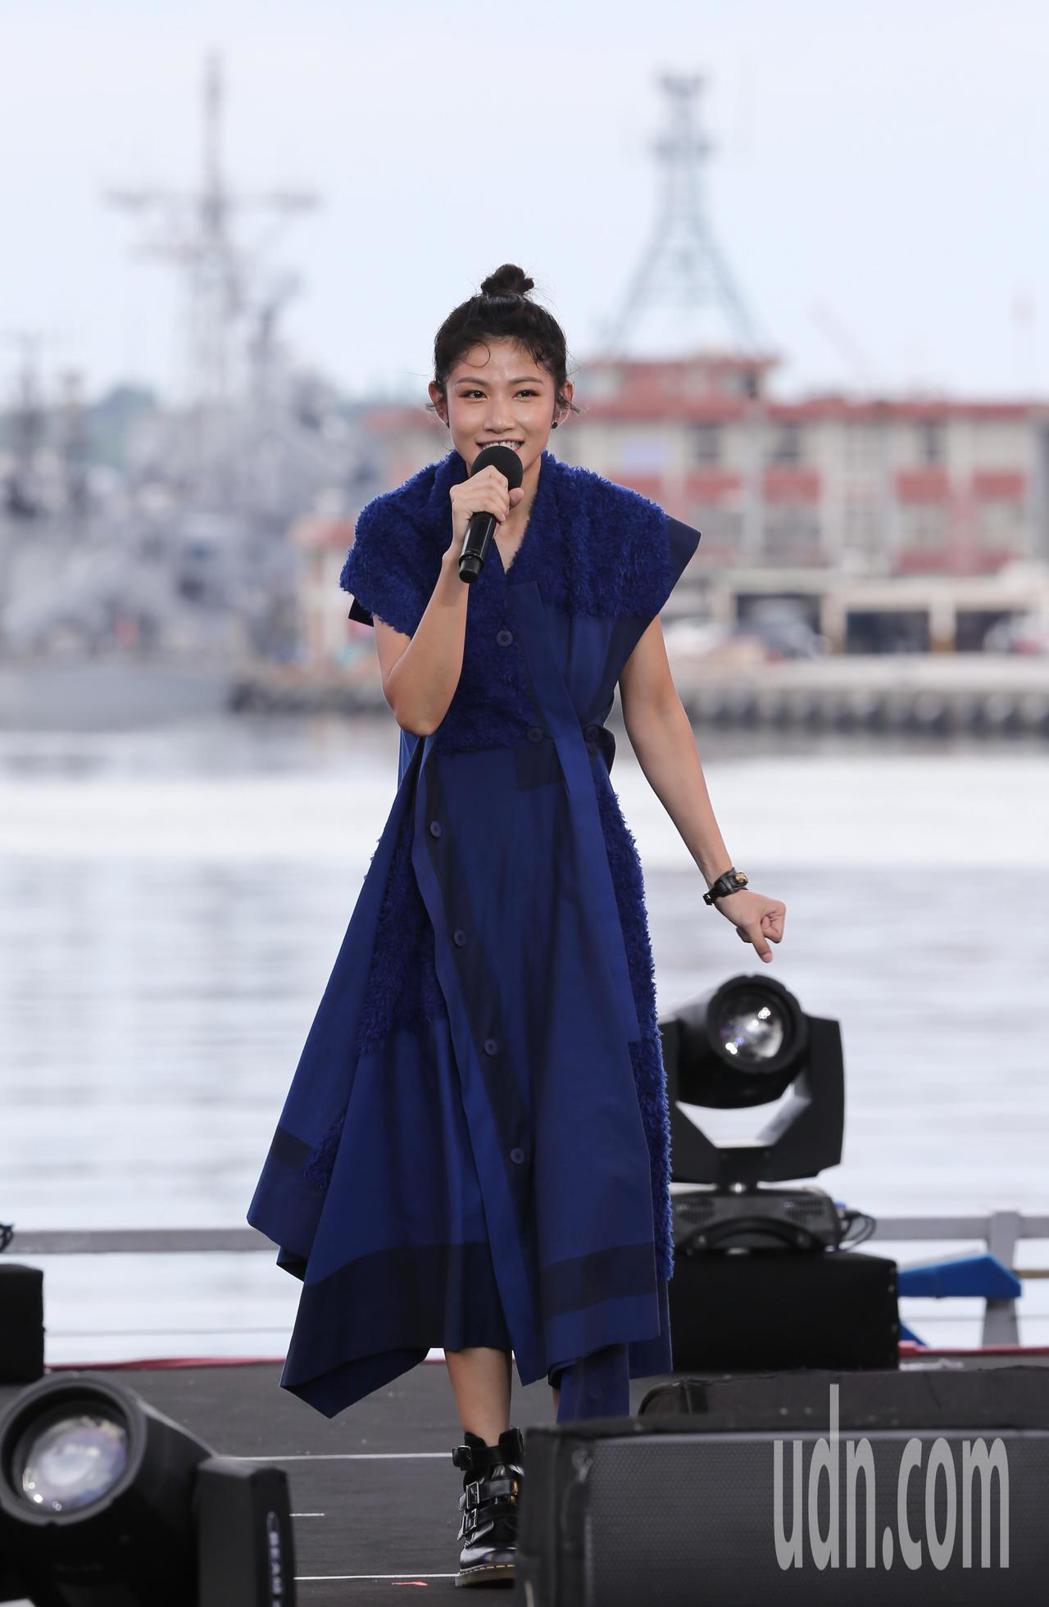 公視台語頻道在基隆舉辦「開港做陣出帆」開台典禮,並在海洋廣場搭建舞台,讓李千那(...